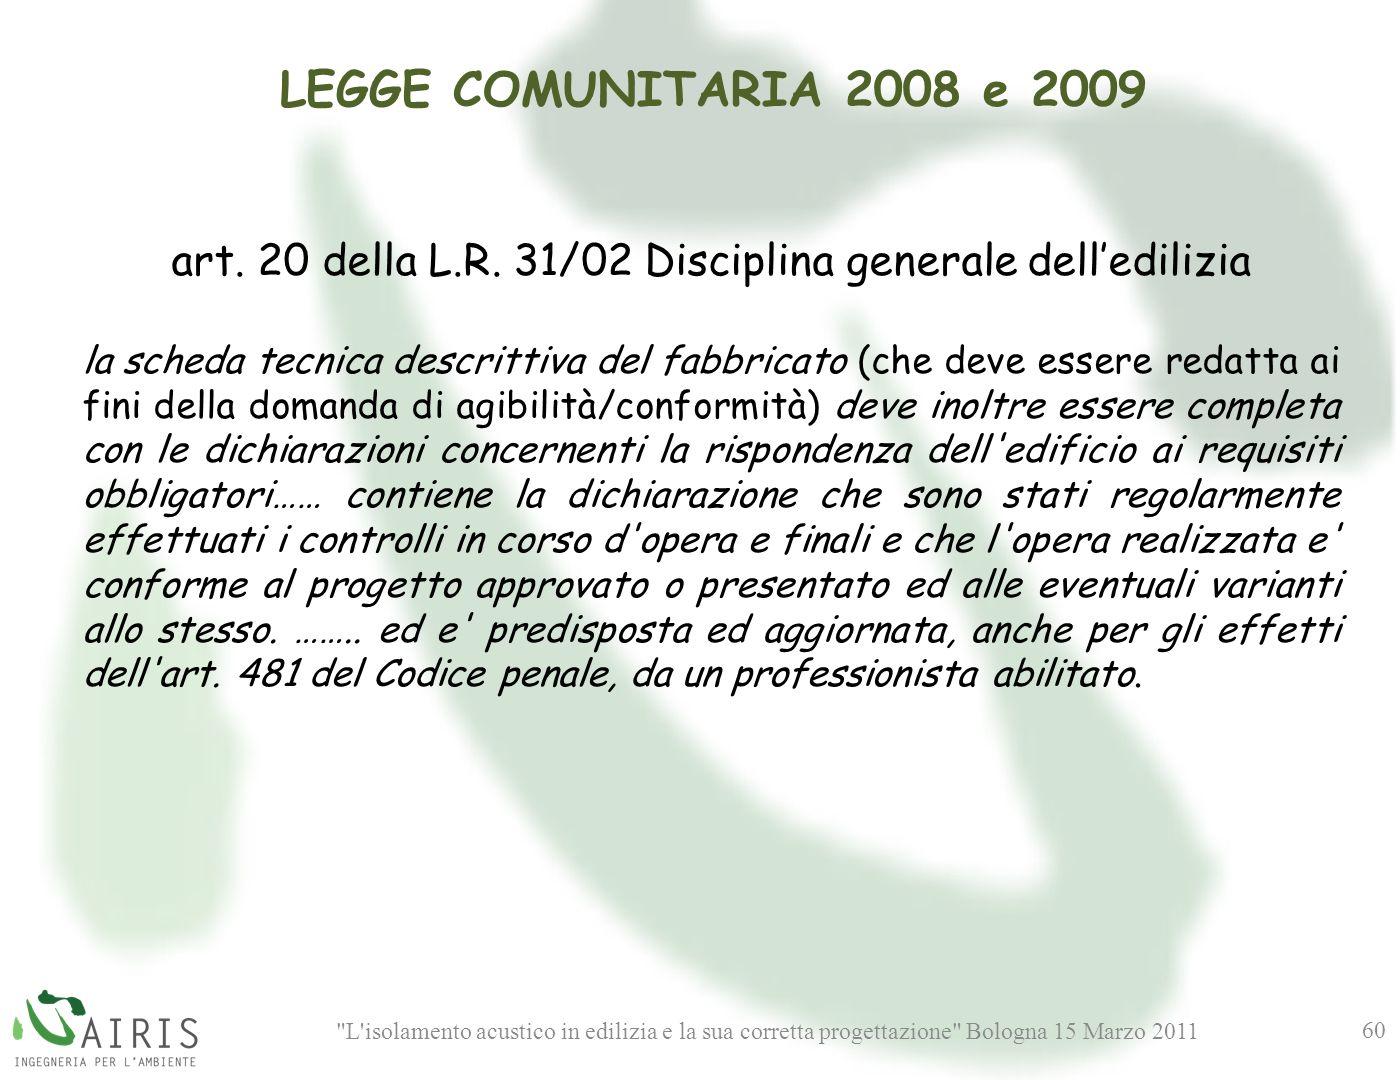 art. 20 della L.R. 31/02 Disciplina generale dell'edilizia